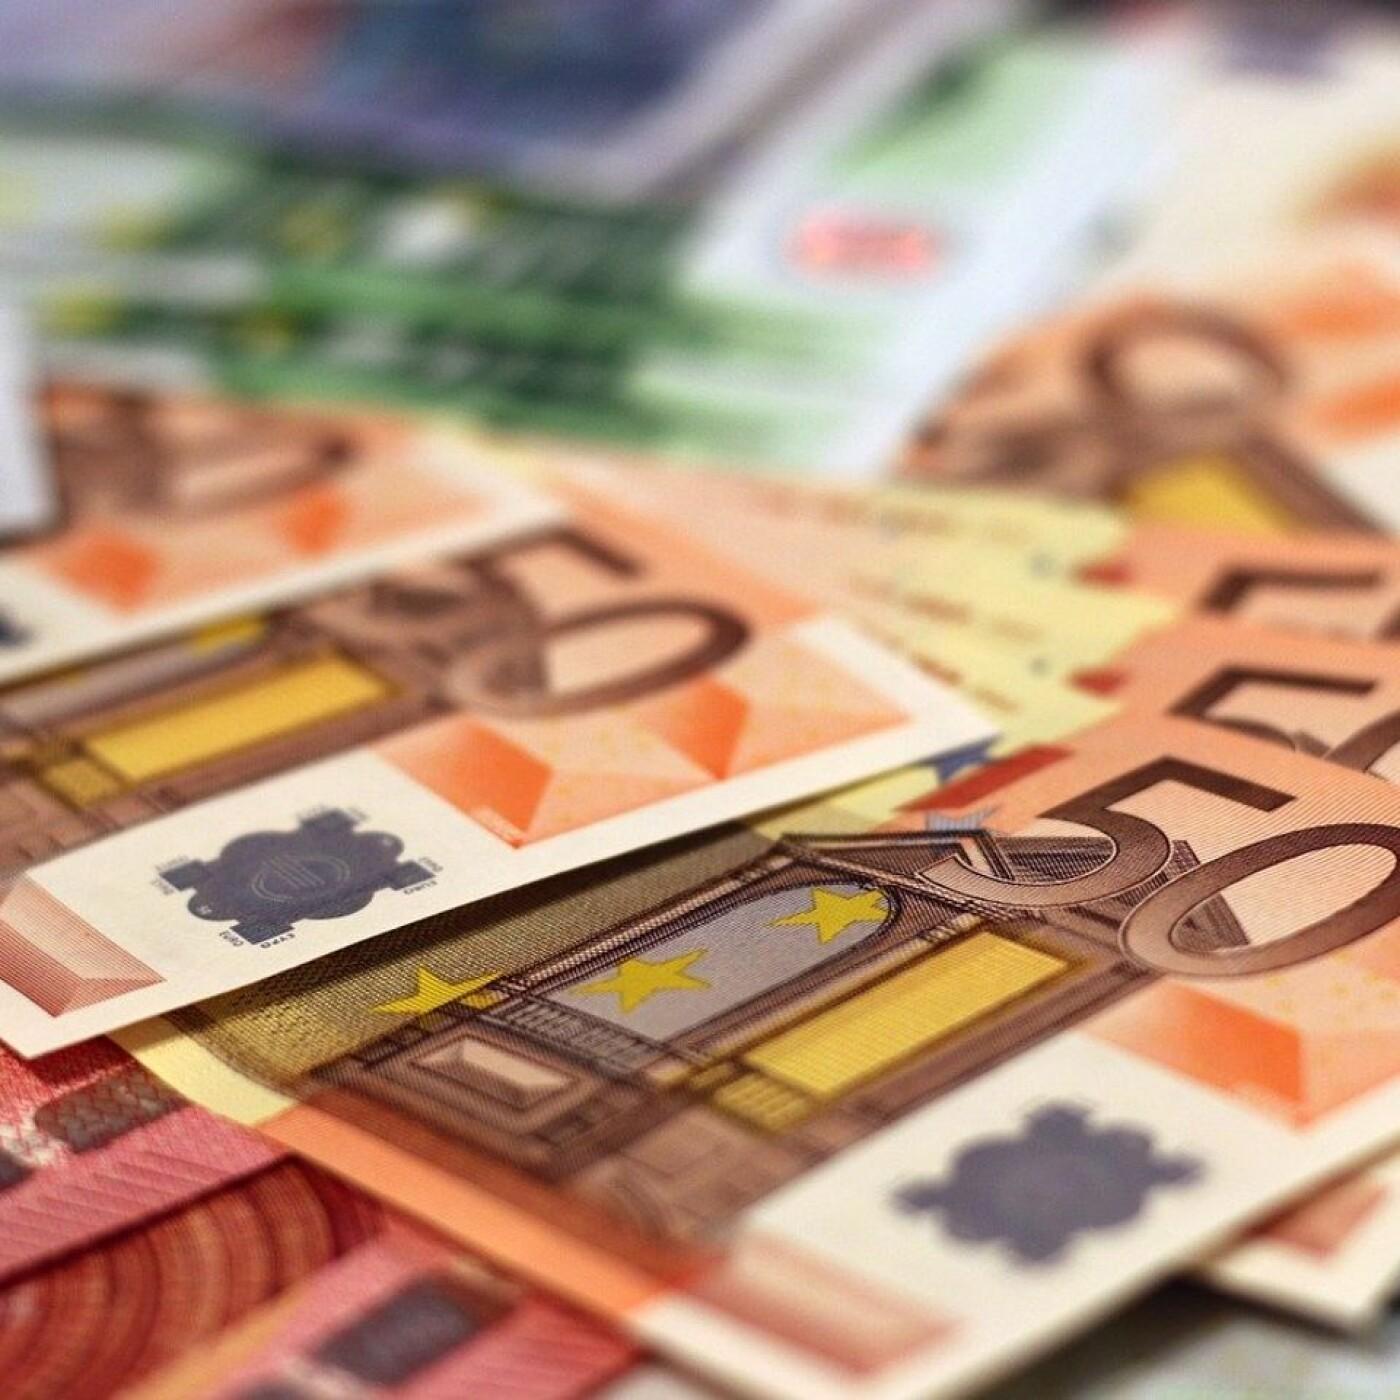 Chiffre du jour, 40 000 euros perdus dans un bus - 06 09 2021 - StereoChic Radio